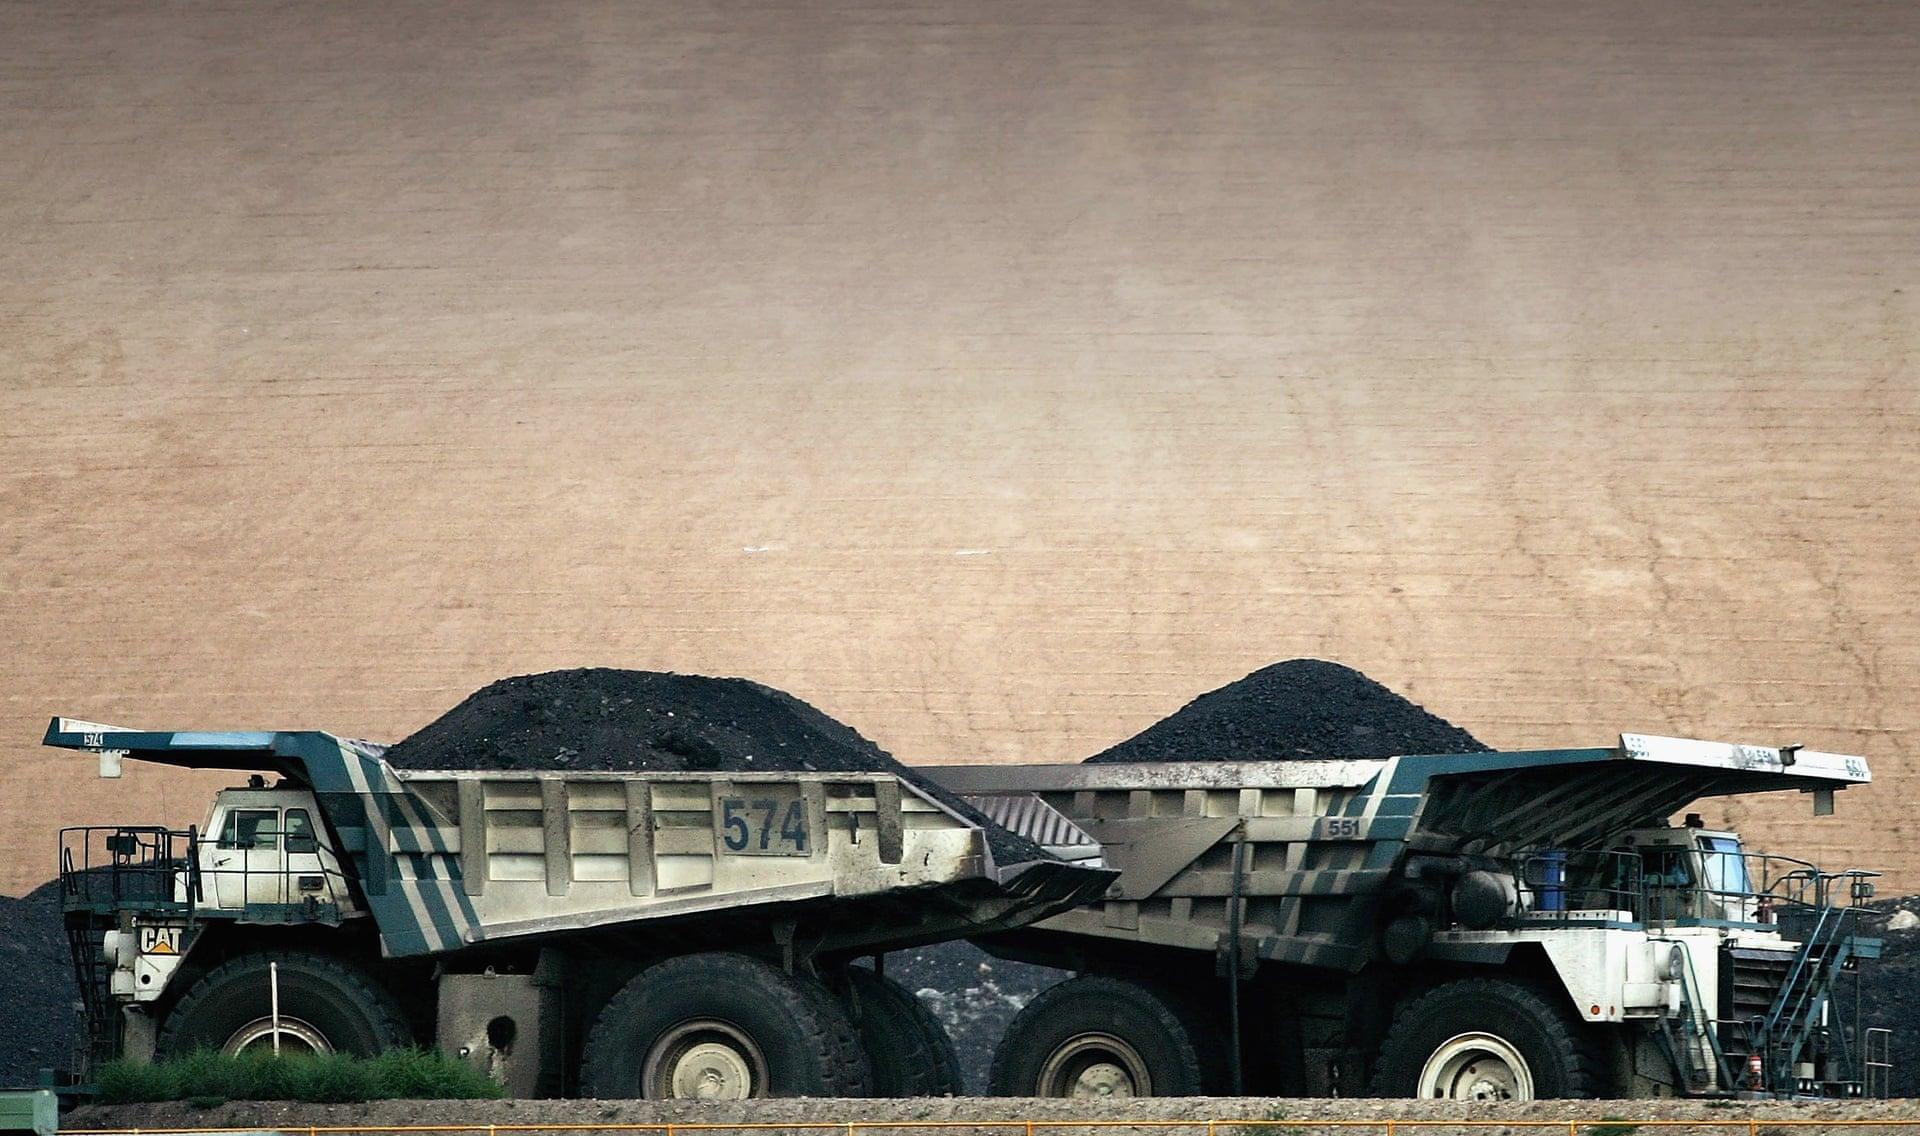 ciężarówki z węglem bhp billiton